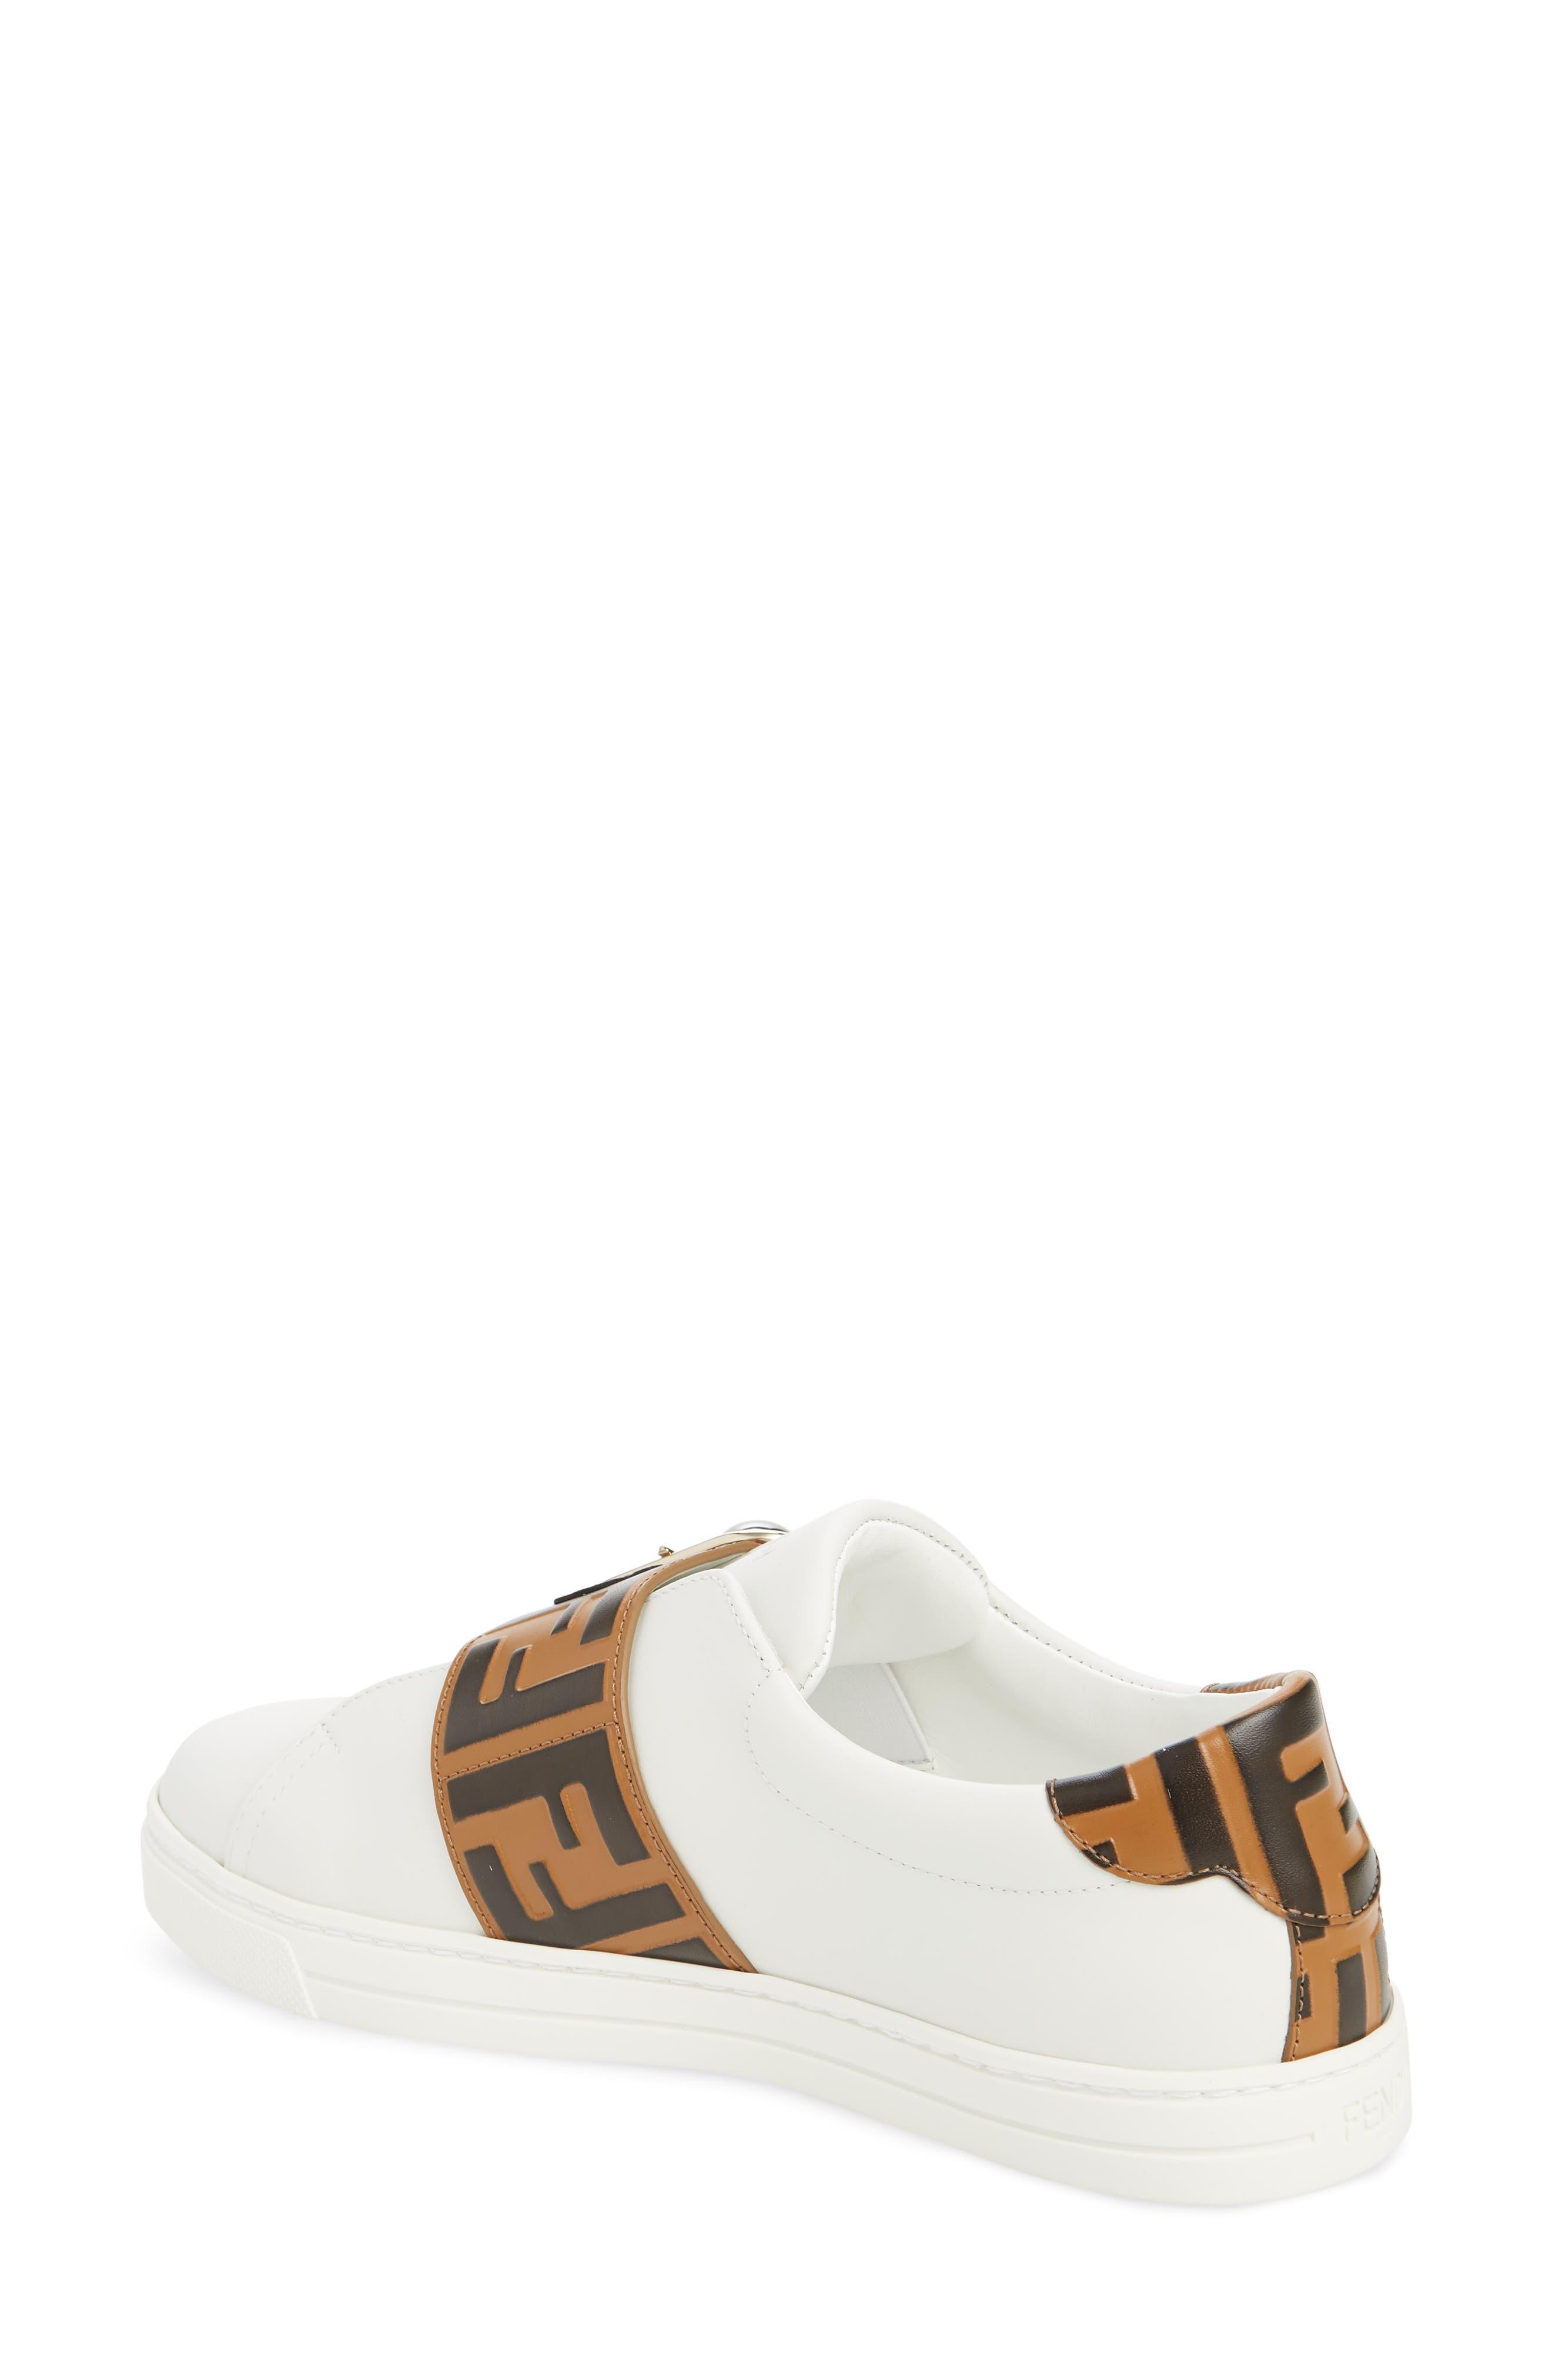 FENDI, Pearland Logo Slip-On Sneaker, Alternate thumbnail 2, color, WHITE/ BROWN